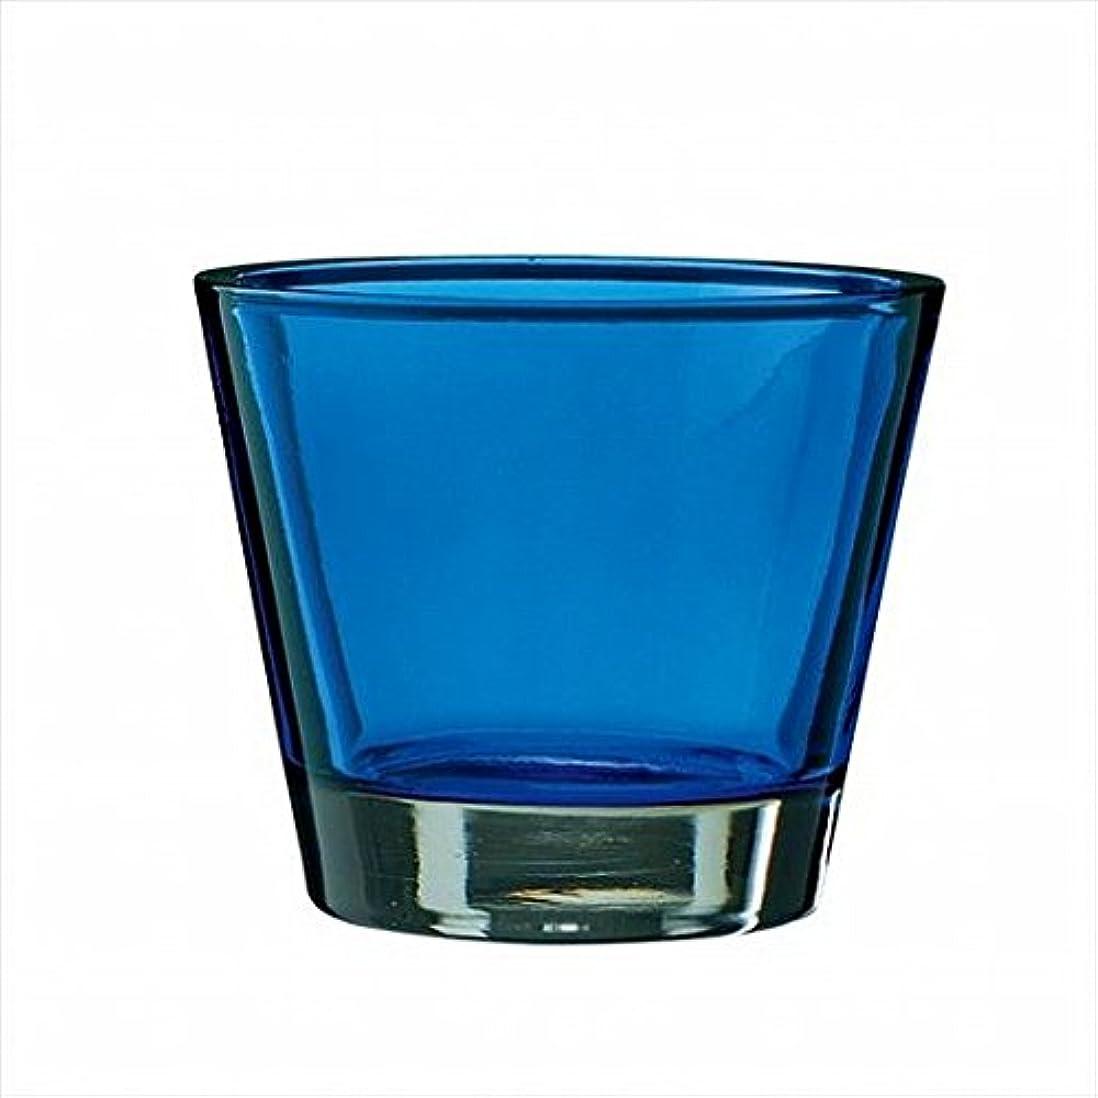 アルカイックペンスシャッフルkameyama candle(カメヤマキャンドル) カラリス 「 ブルー 」 キャンドル 82x82x70mm (J2540000B)